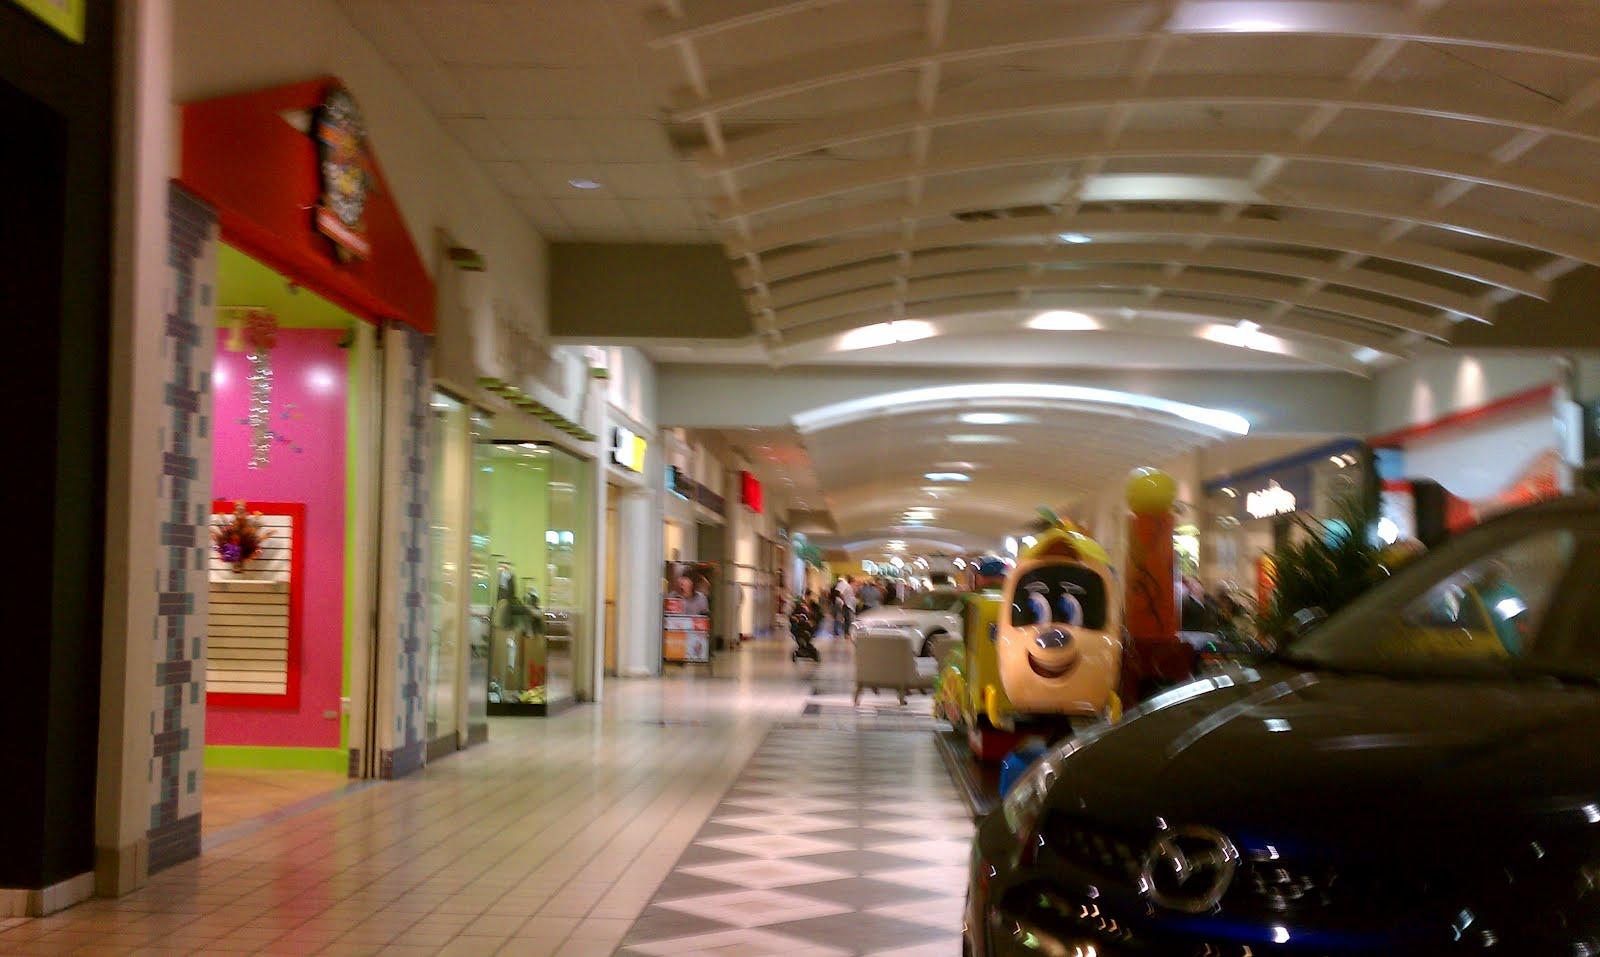 Furniture Store Atlanta Ga Woodstock Furniture Outlet : 2017 - 2018 Cars Reviews